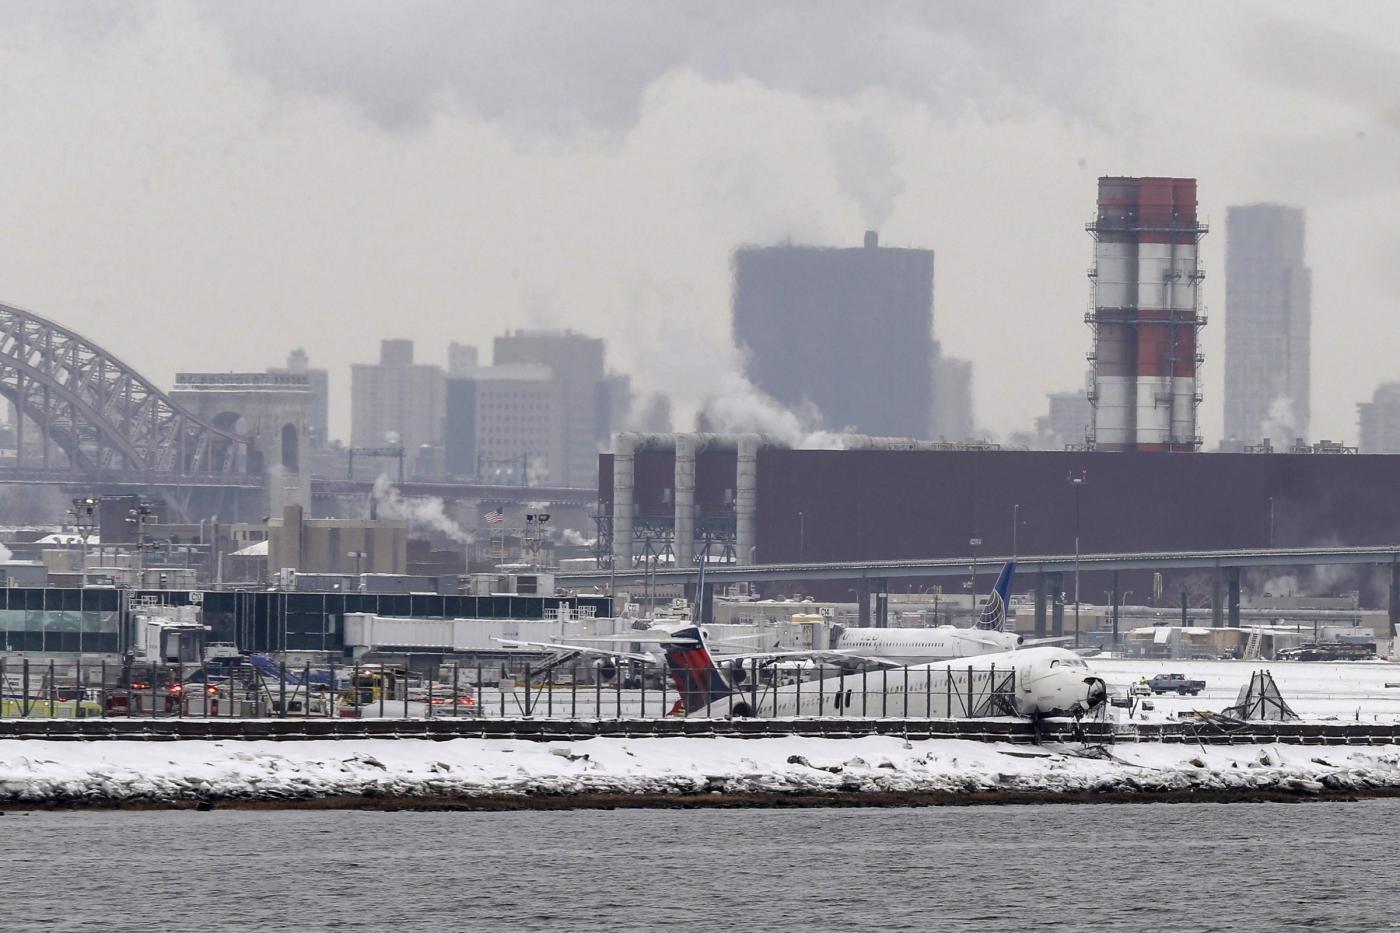 Aeroporto New York La Guardia : Maltempo negli usa riaperto l aeroporto laguardia di new